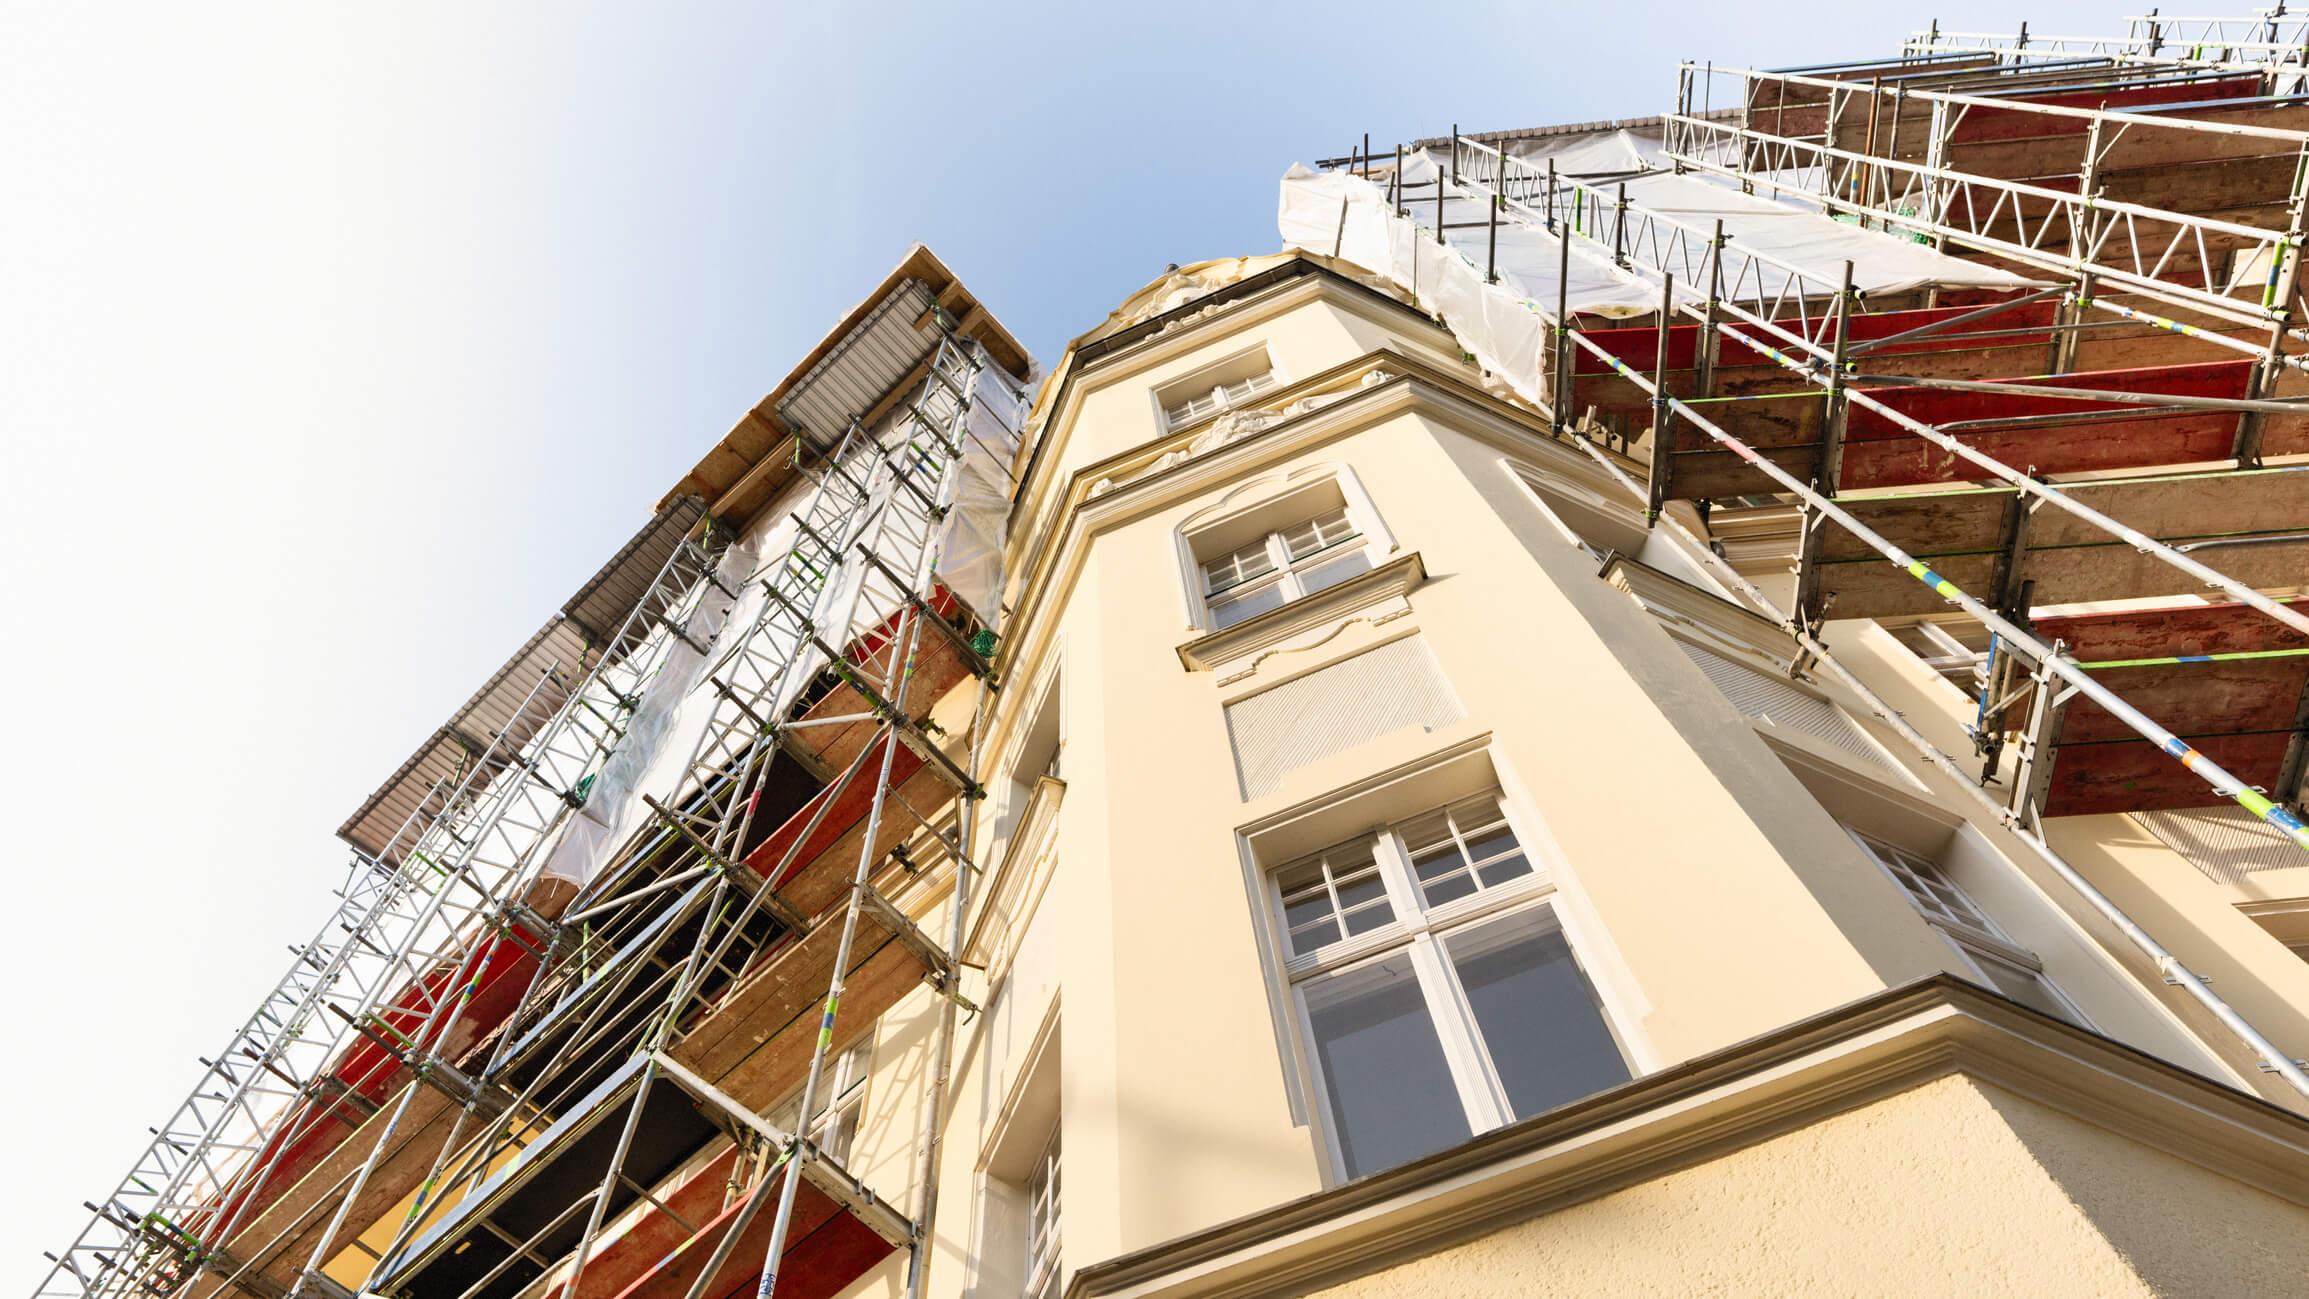 imagem de edifício antigo em reforma